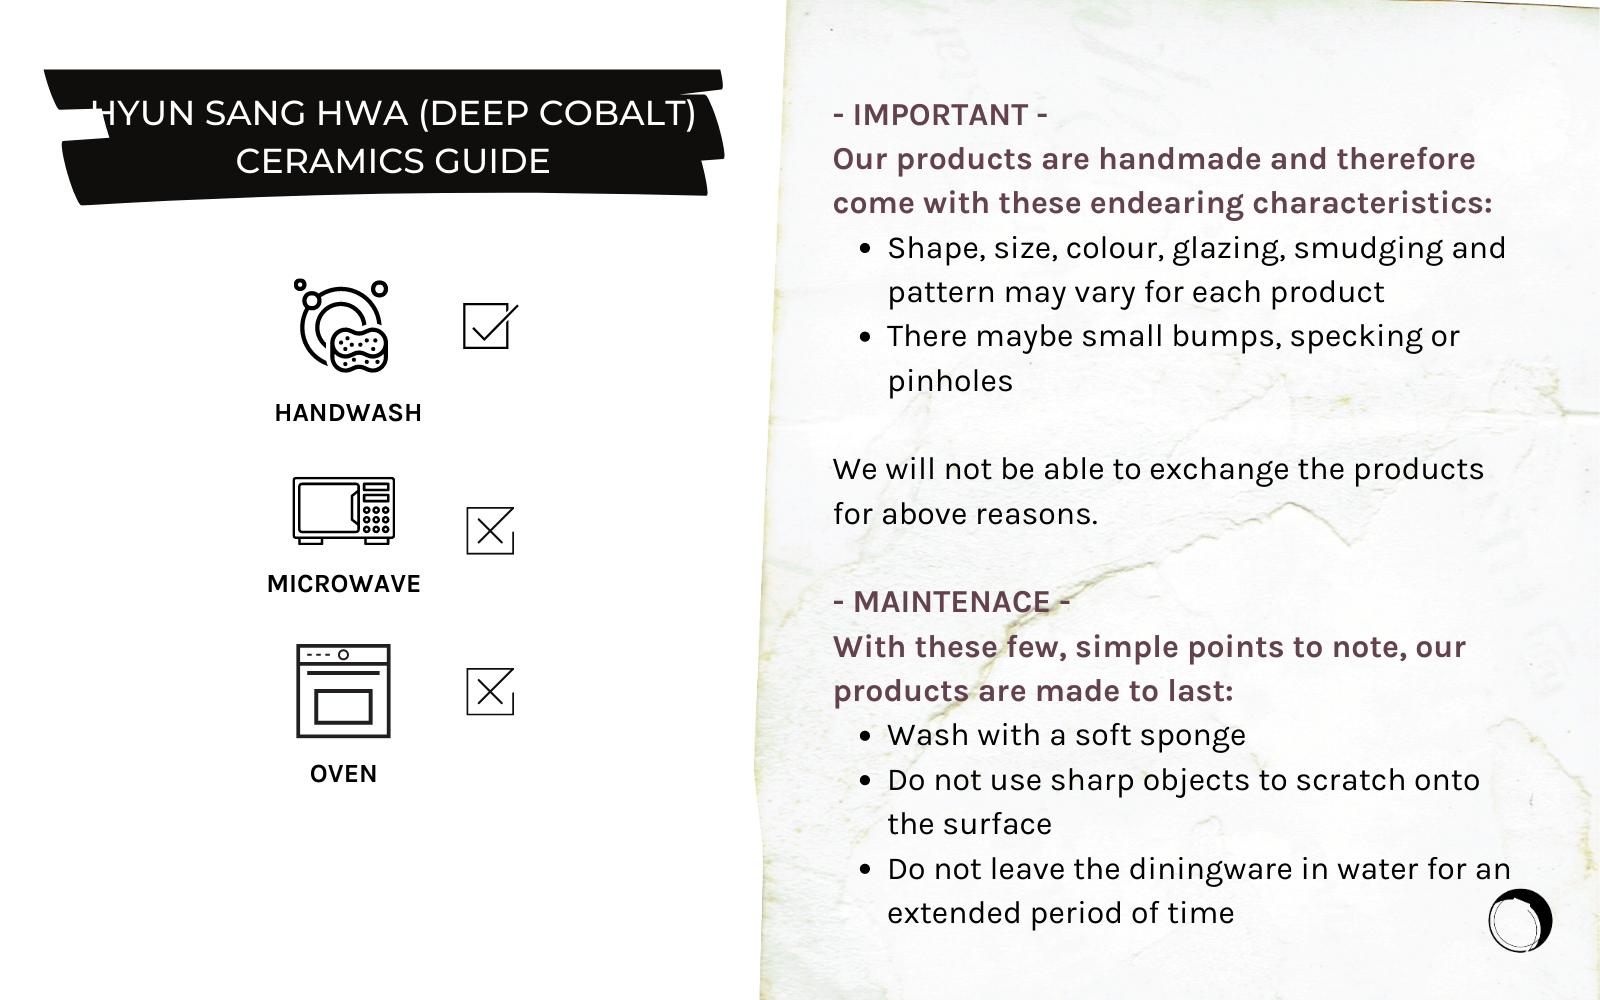 Hyun Sang Hwa Ceramics Product Care Guide